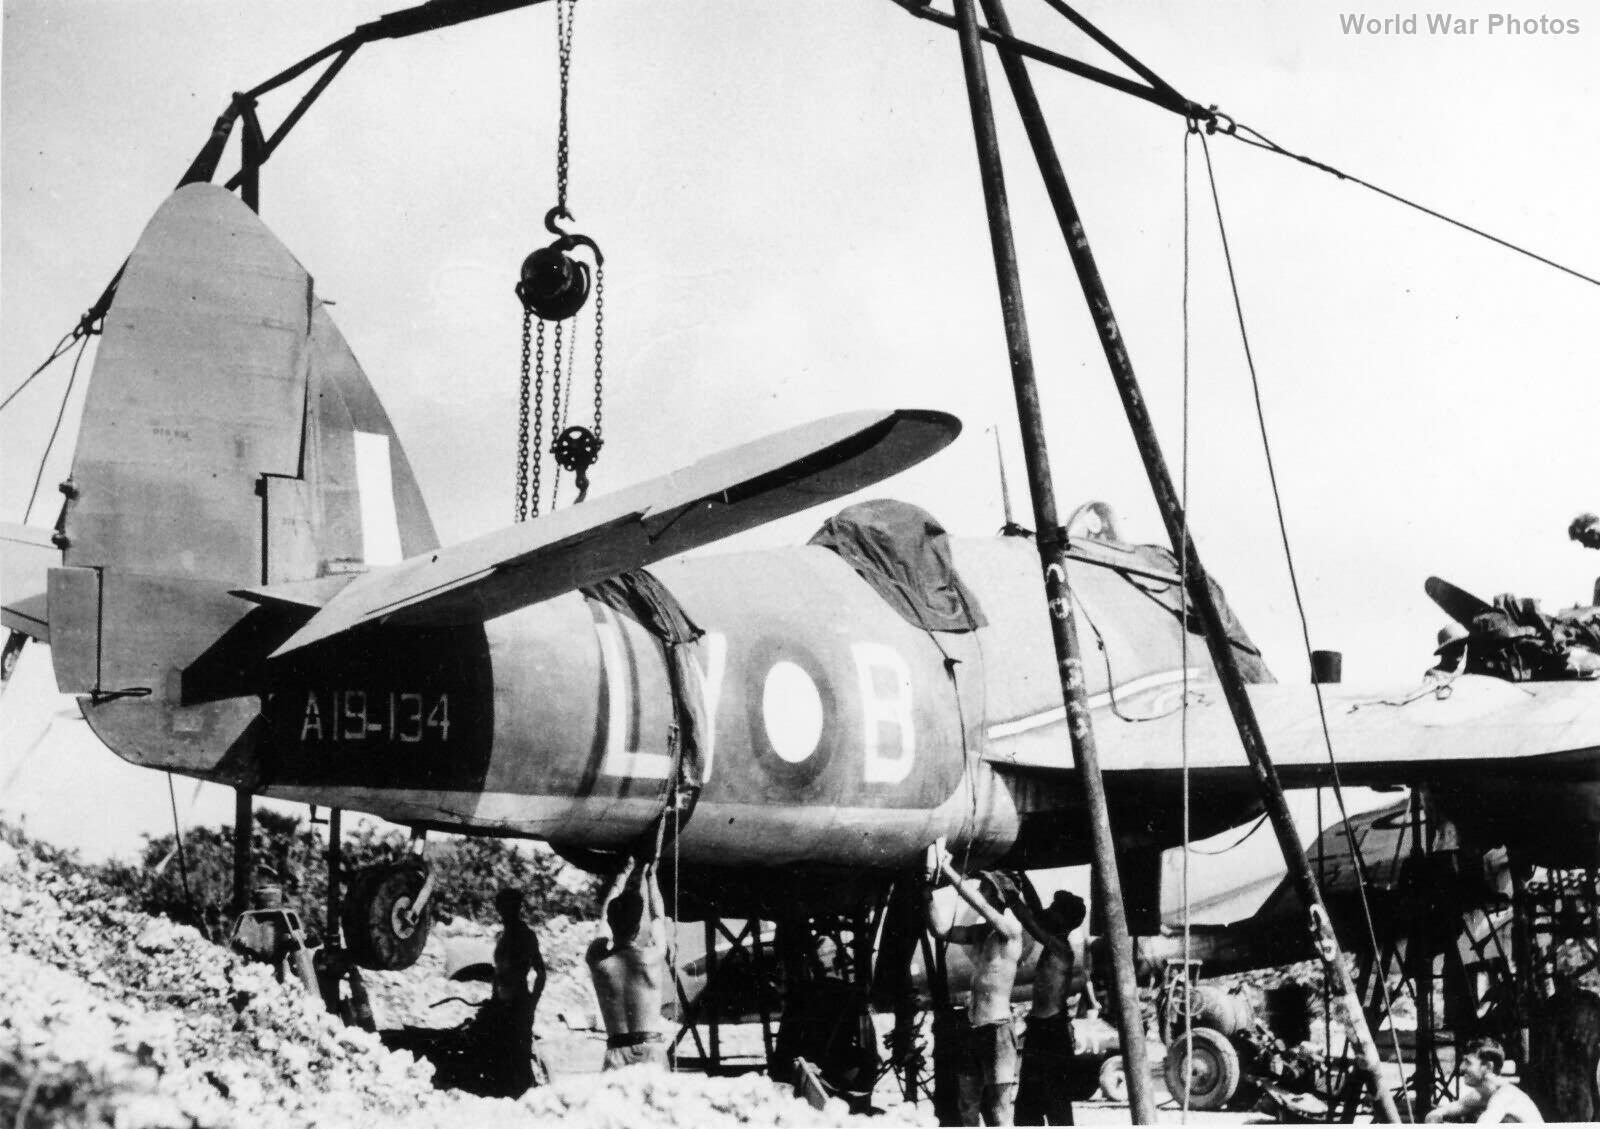 Beaufighter A19-134 ex JL854